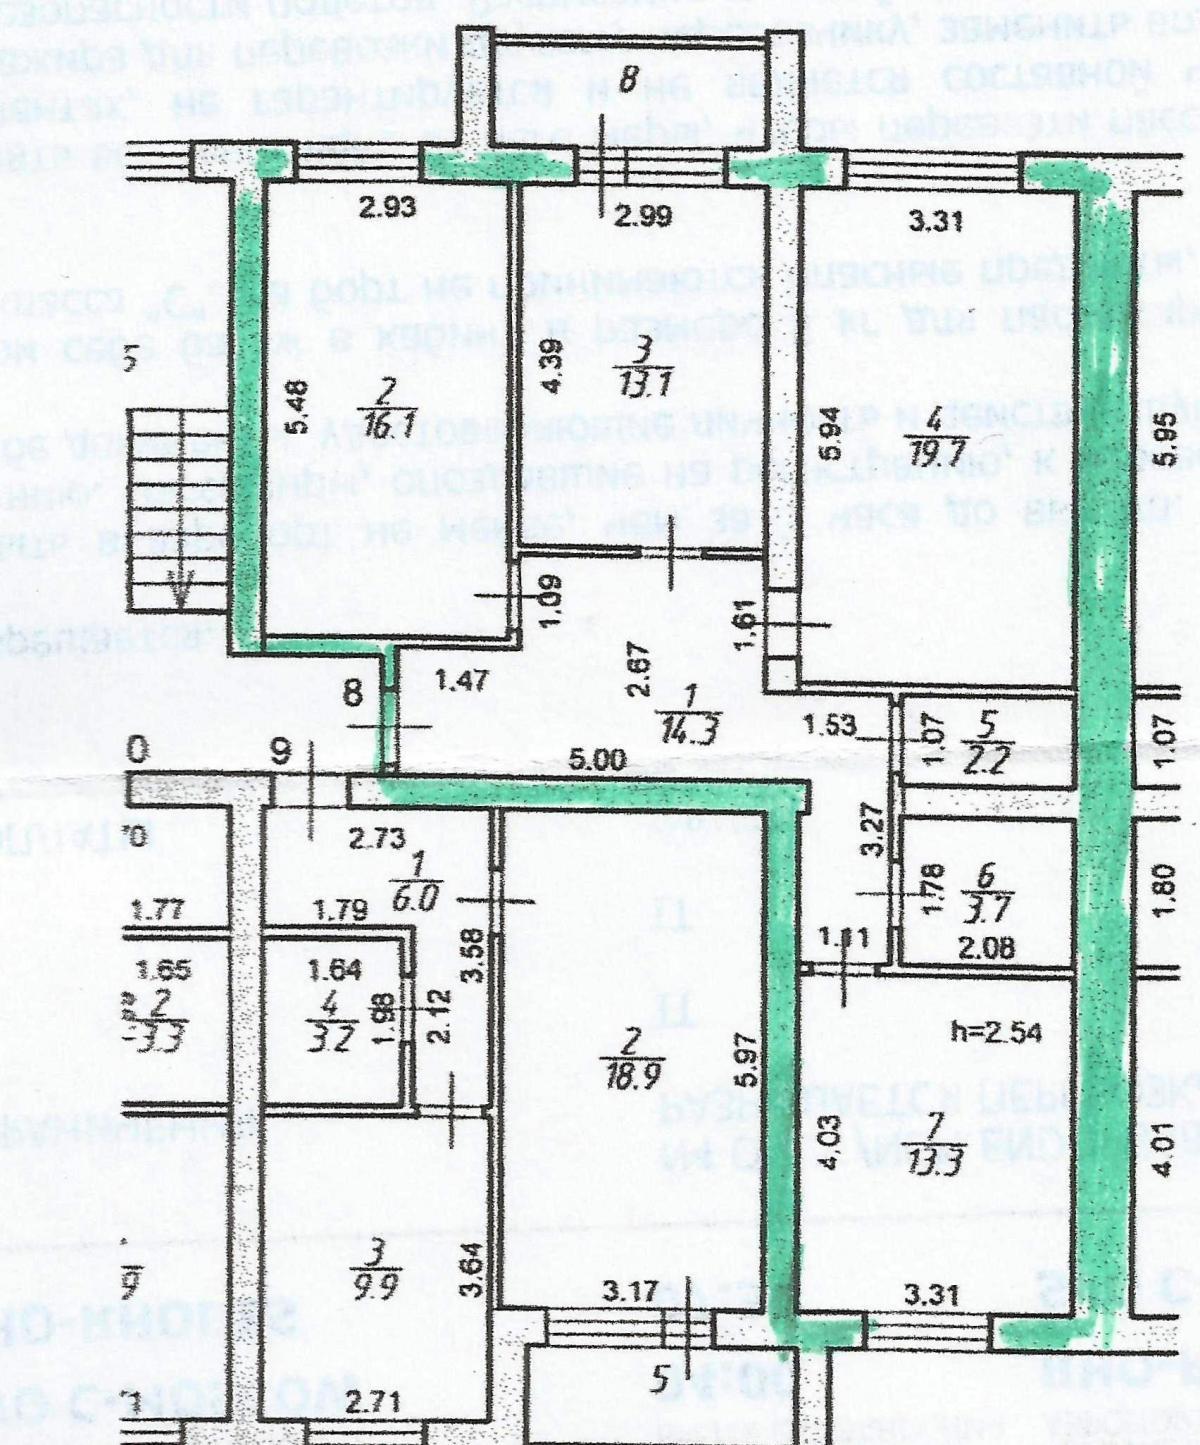 New дом. перепланировка+балкон) идеи для ремонта.